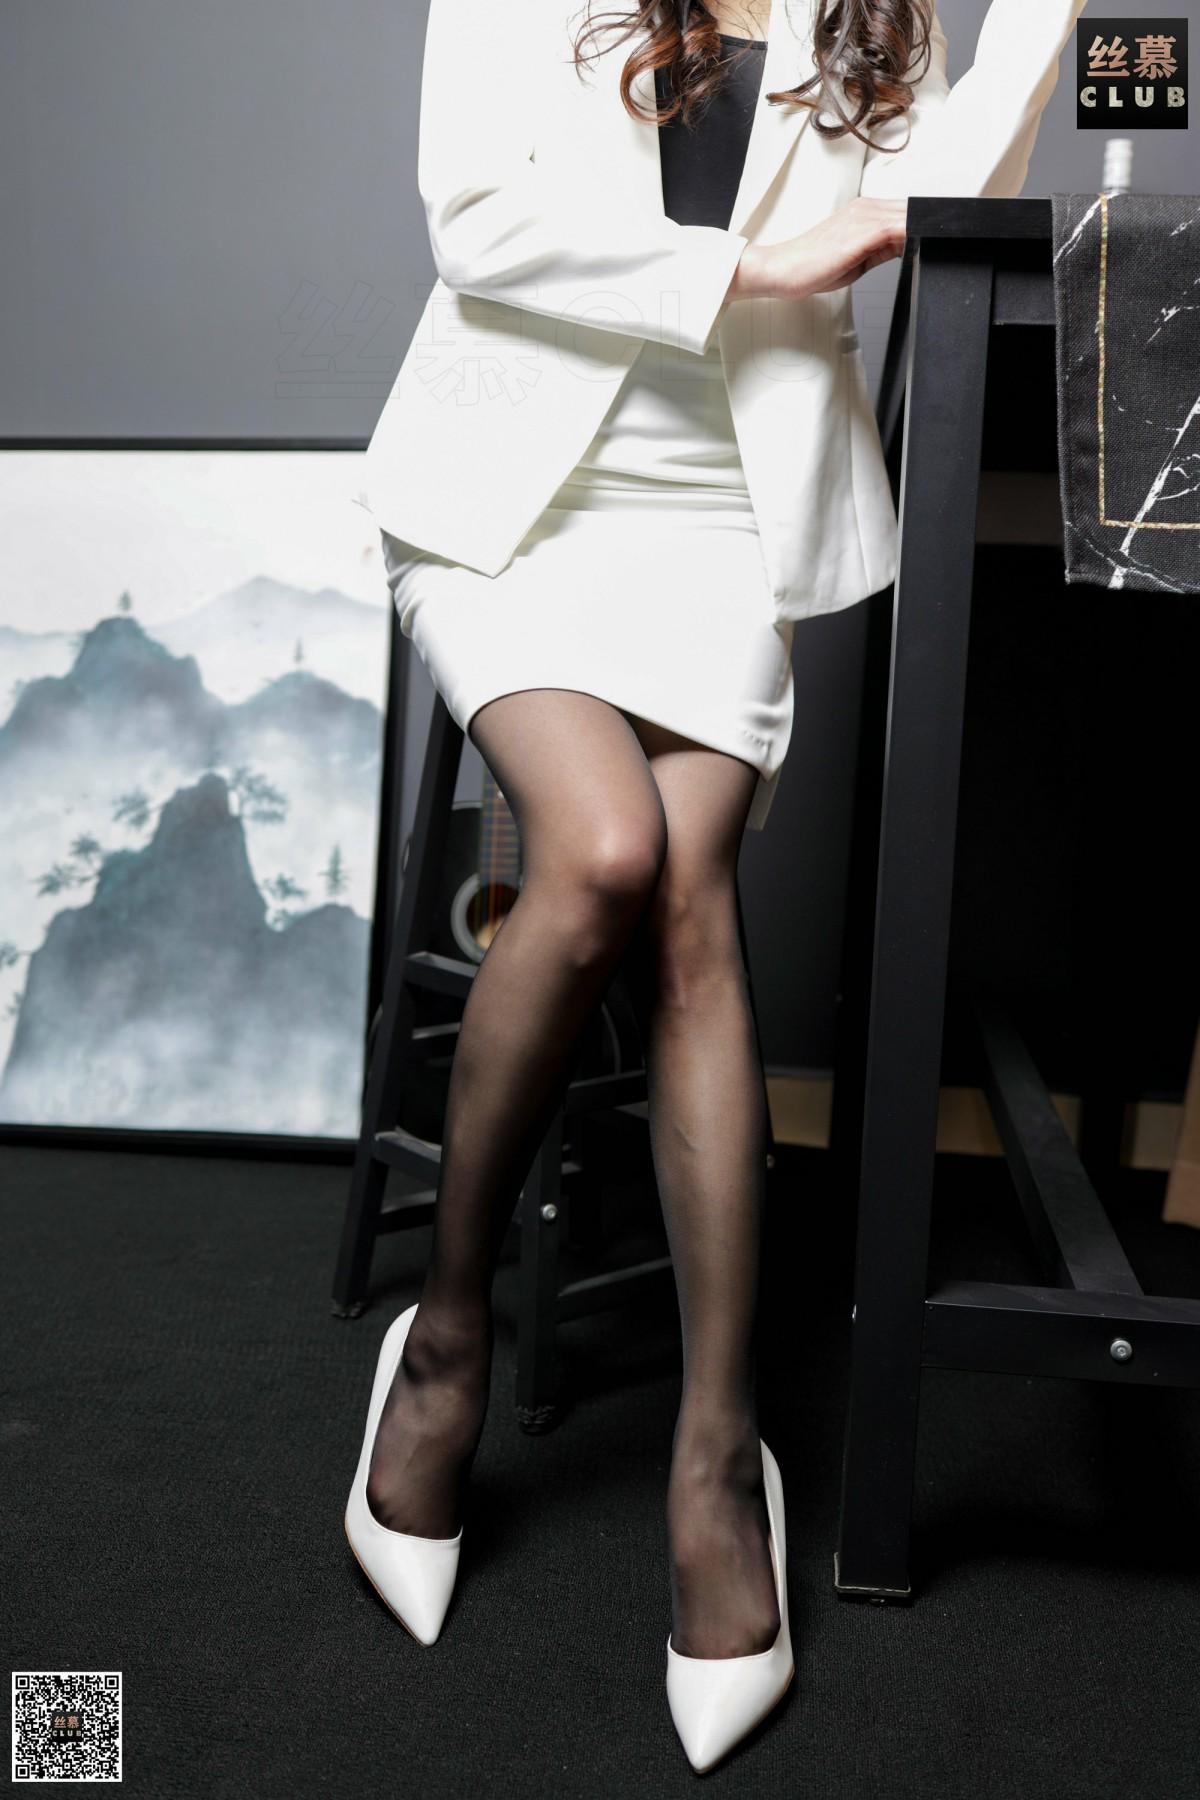 丝慕写真 花姐 - 白领的品酒体验 第4张